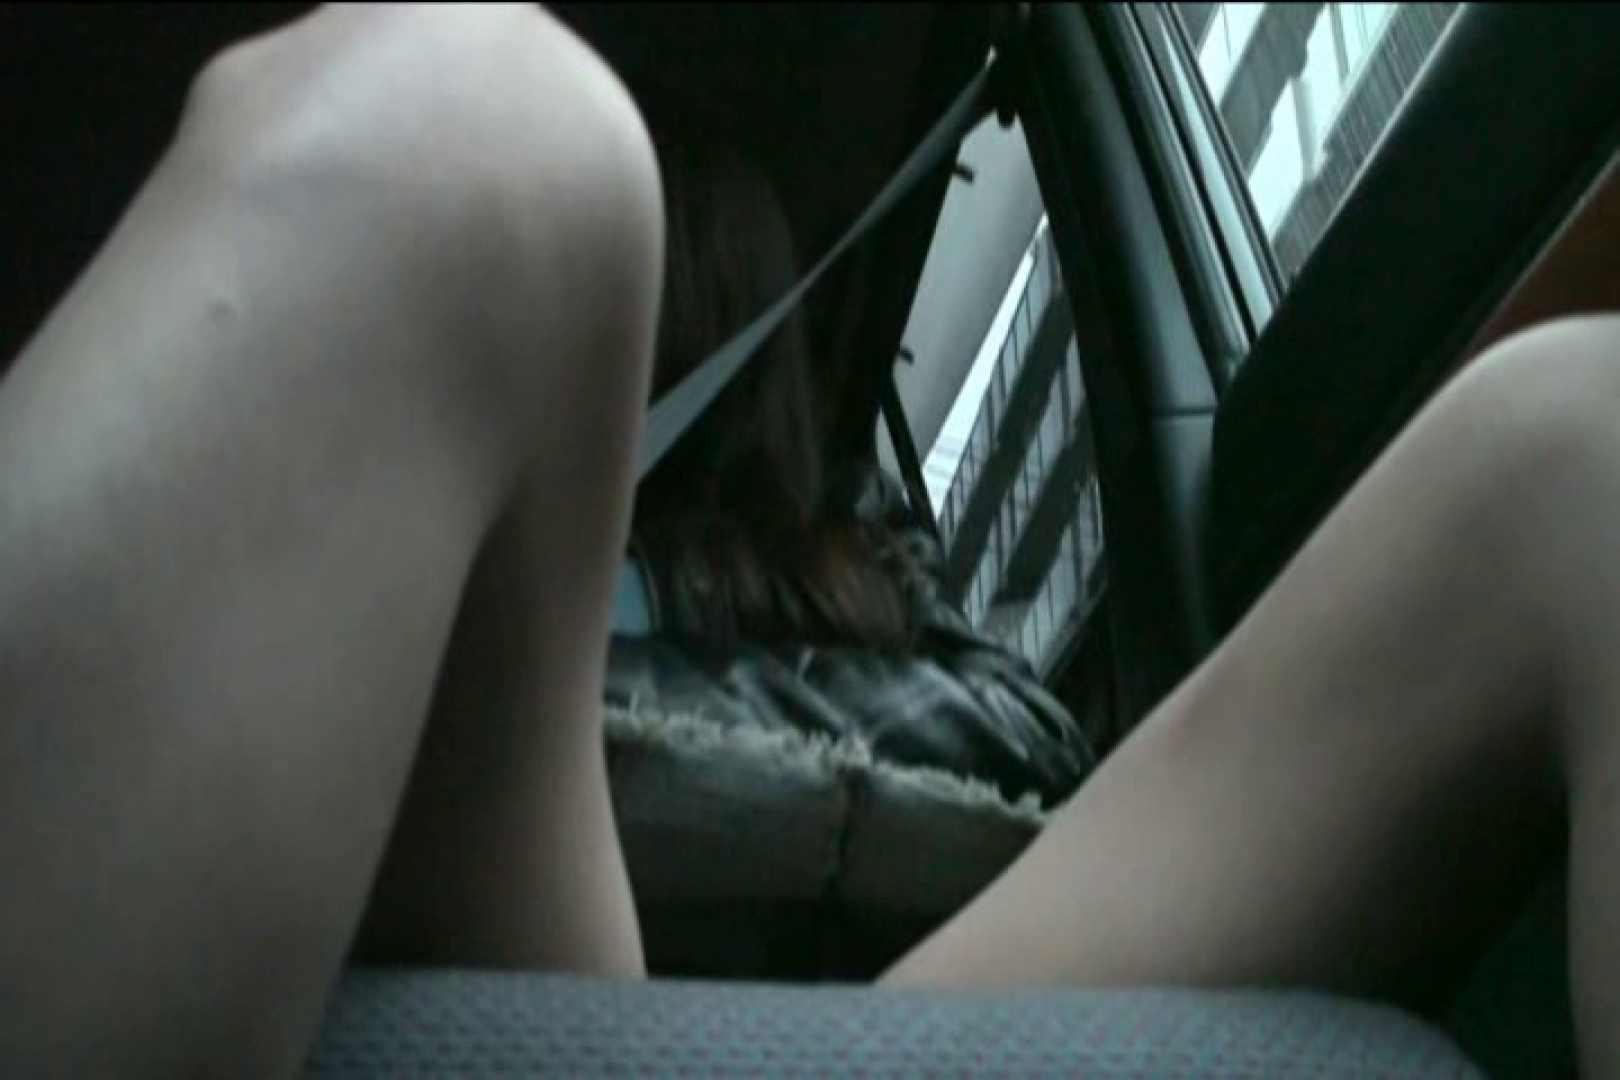 車内で初めまして! vol04 フェラ オメコ無修正動画無料 60枚 18